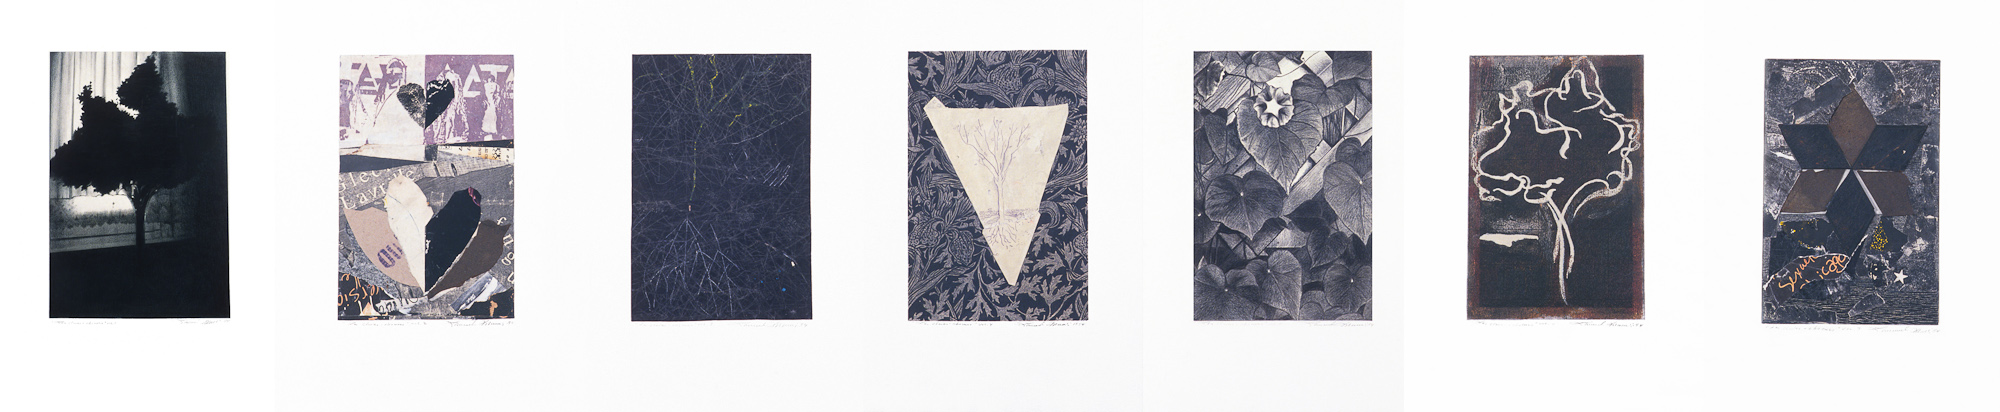 Les clairs-obscurs (série A), 1994. Techniques mixtes sur papier fort, 42,5 x 210 cm.